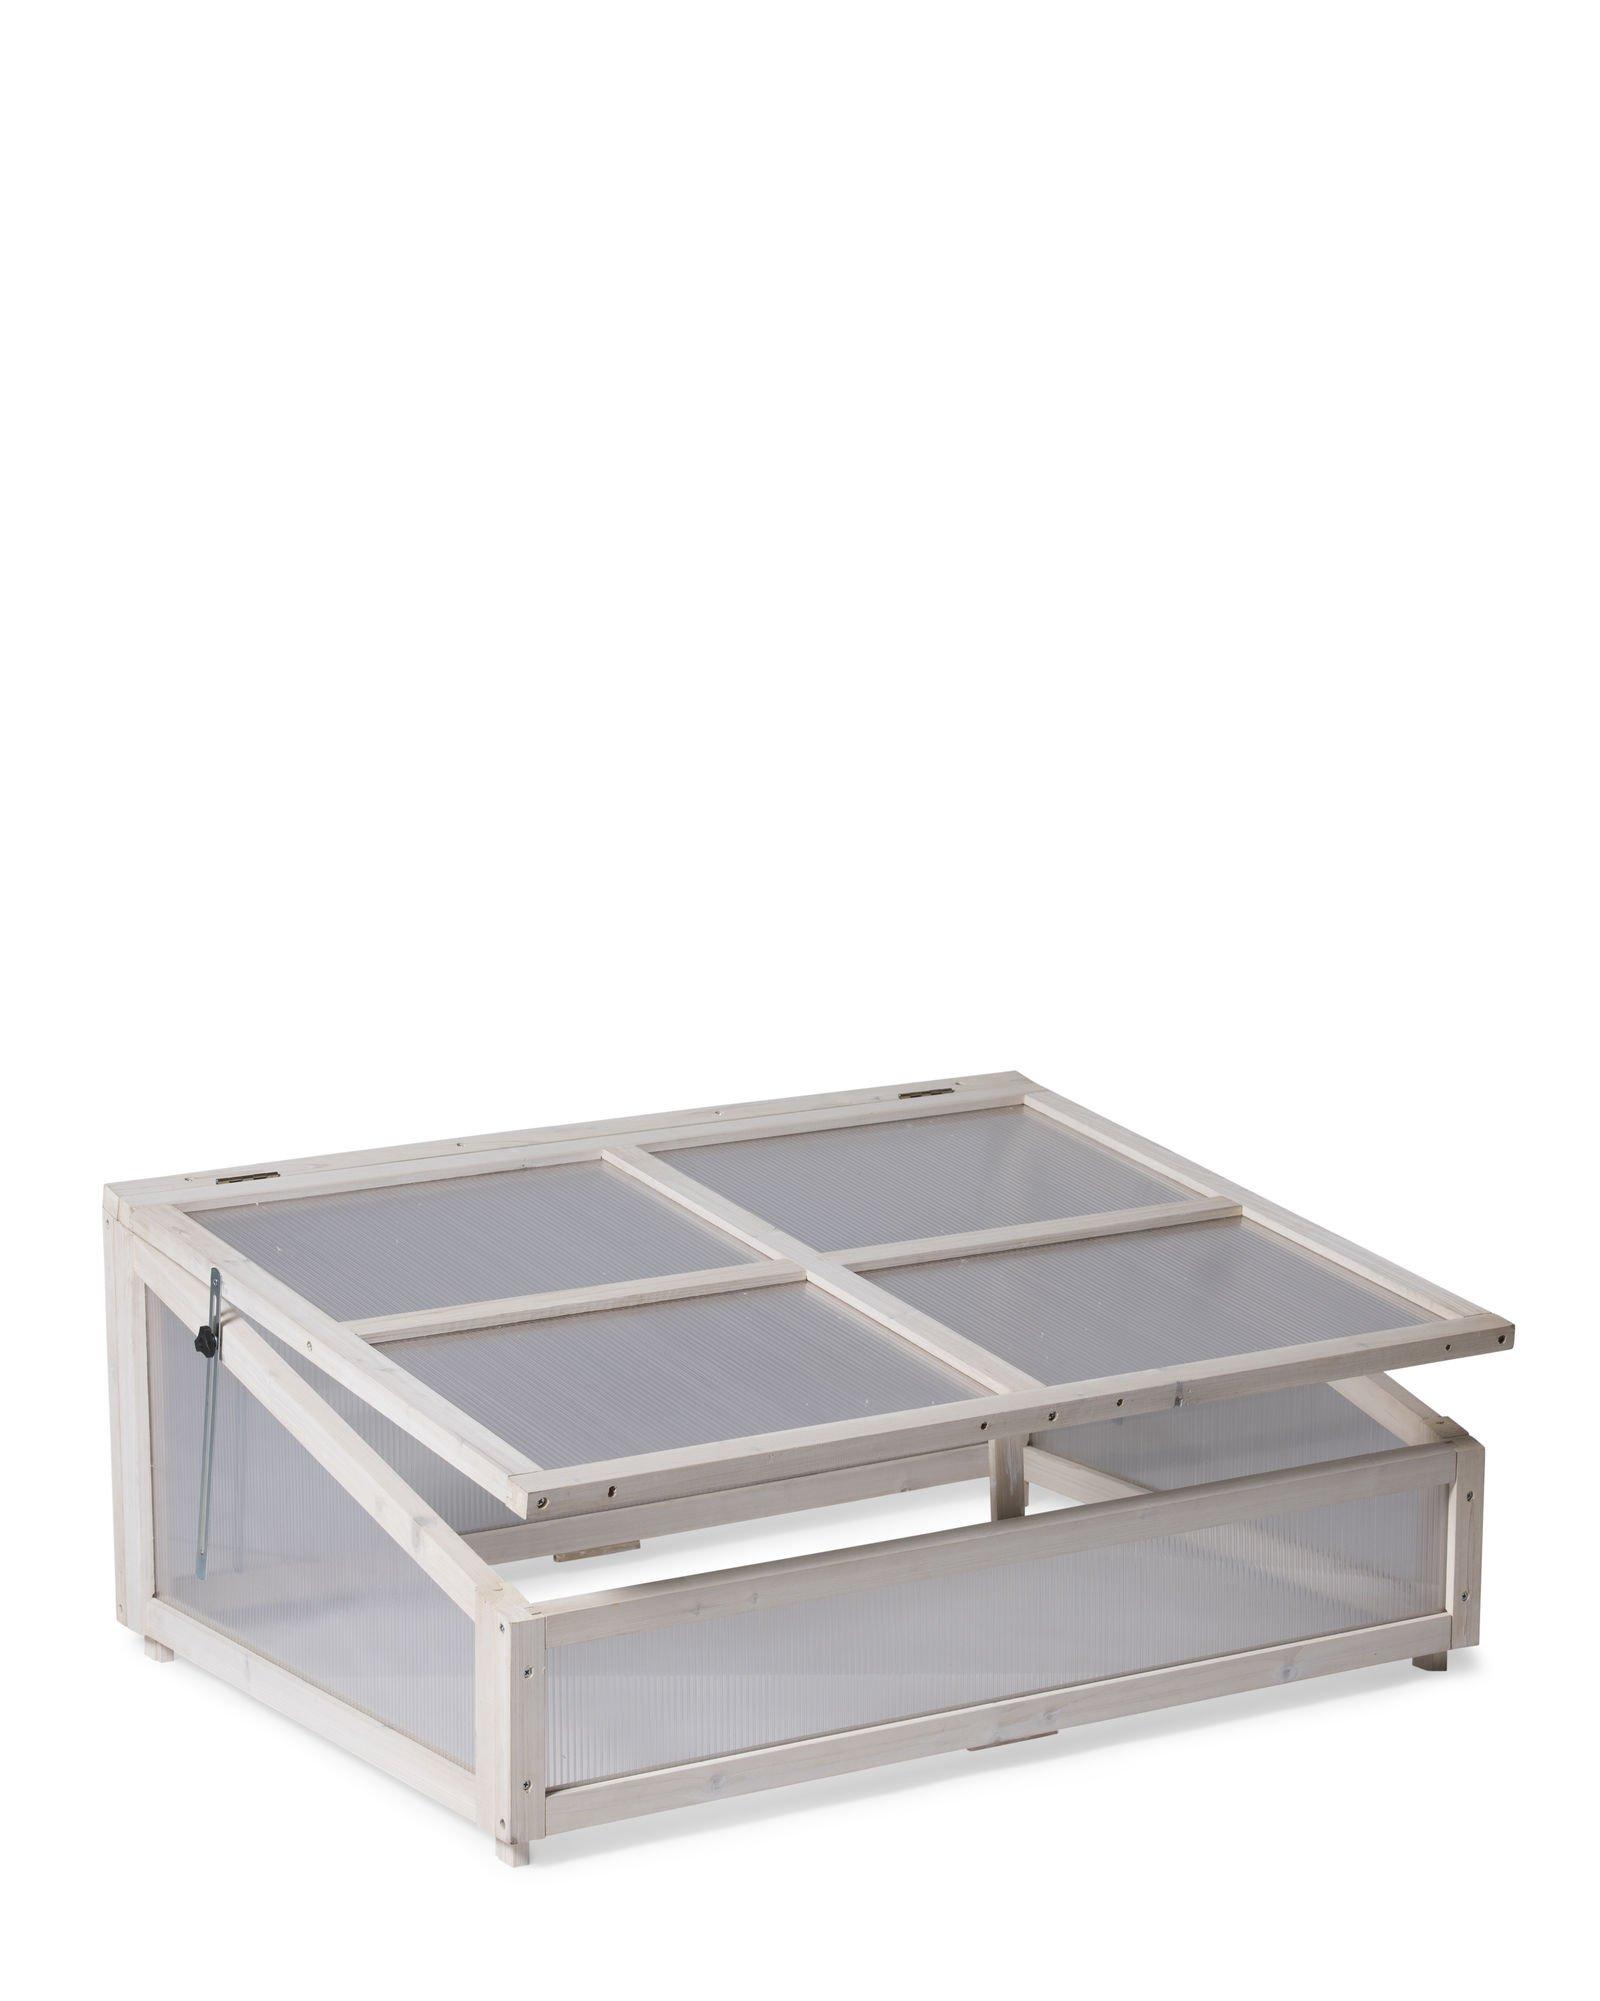 Cold Frame For Compact VegTrug8482;